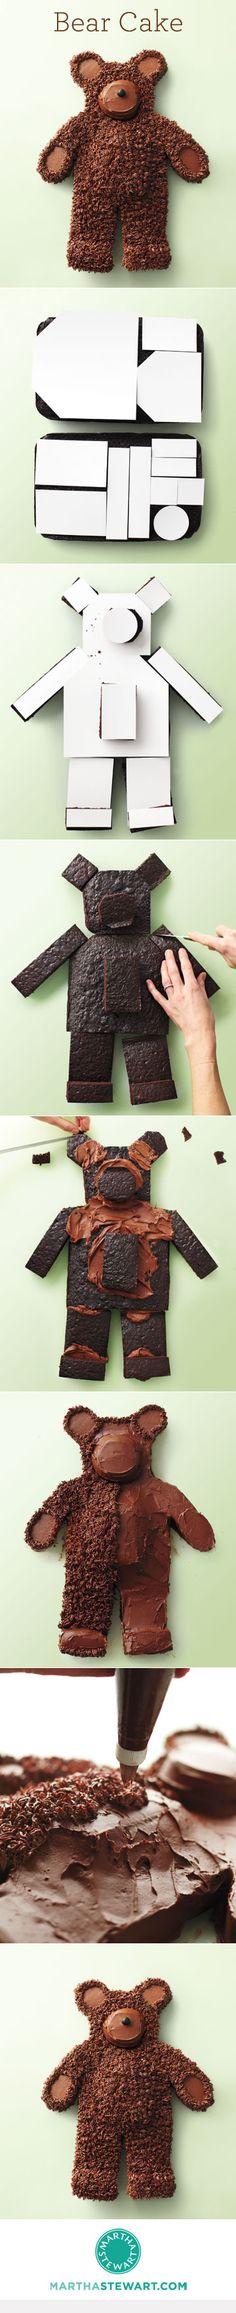 Hoe een beren taart te maken / How to Make a Bear Cake www.hierishetfeest.com